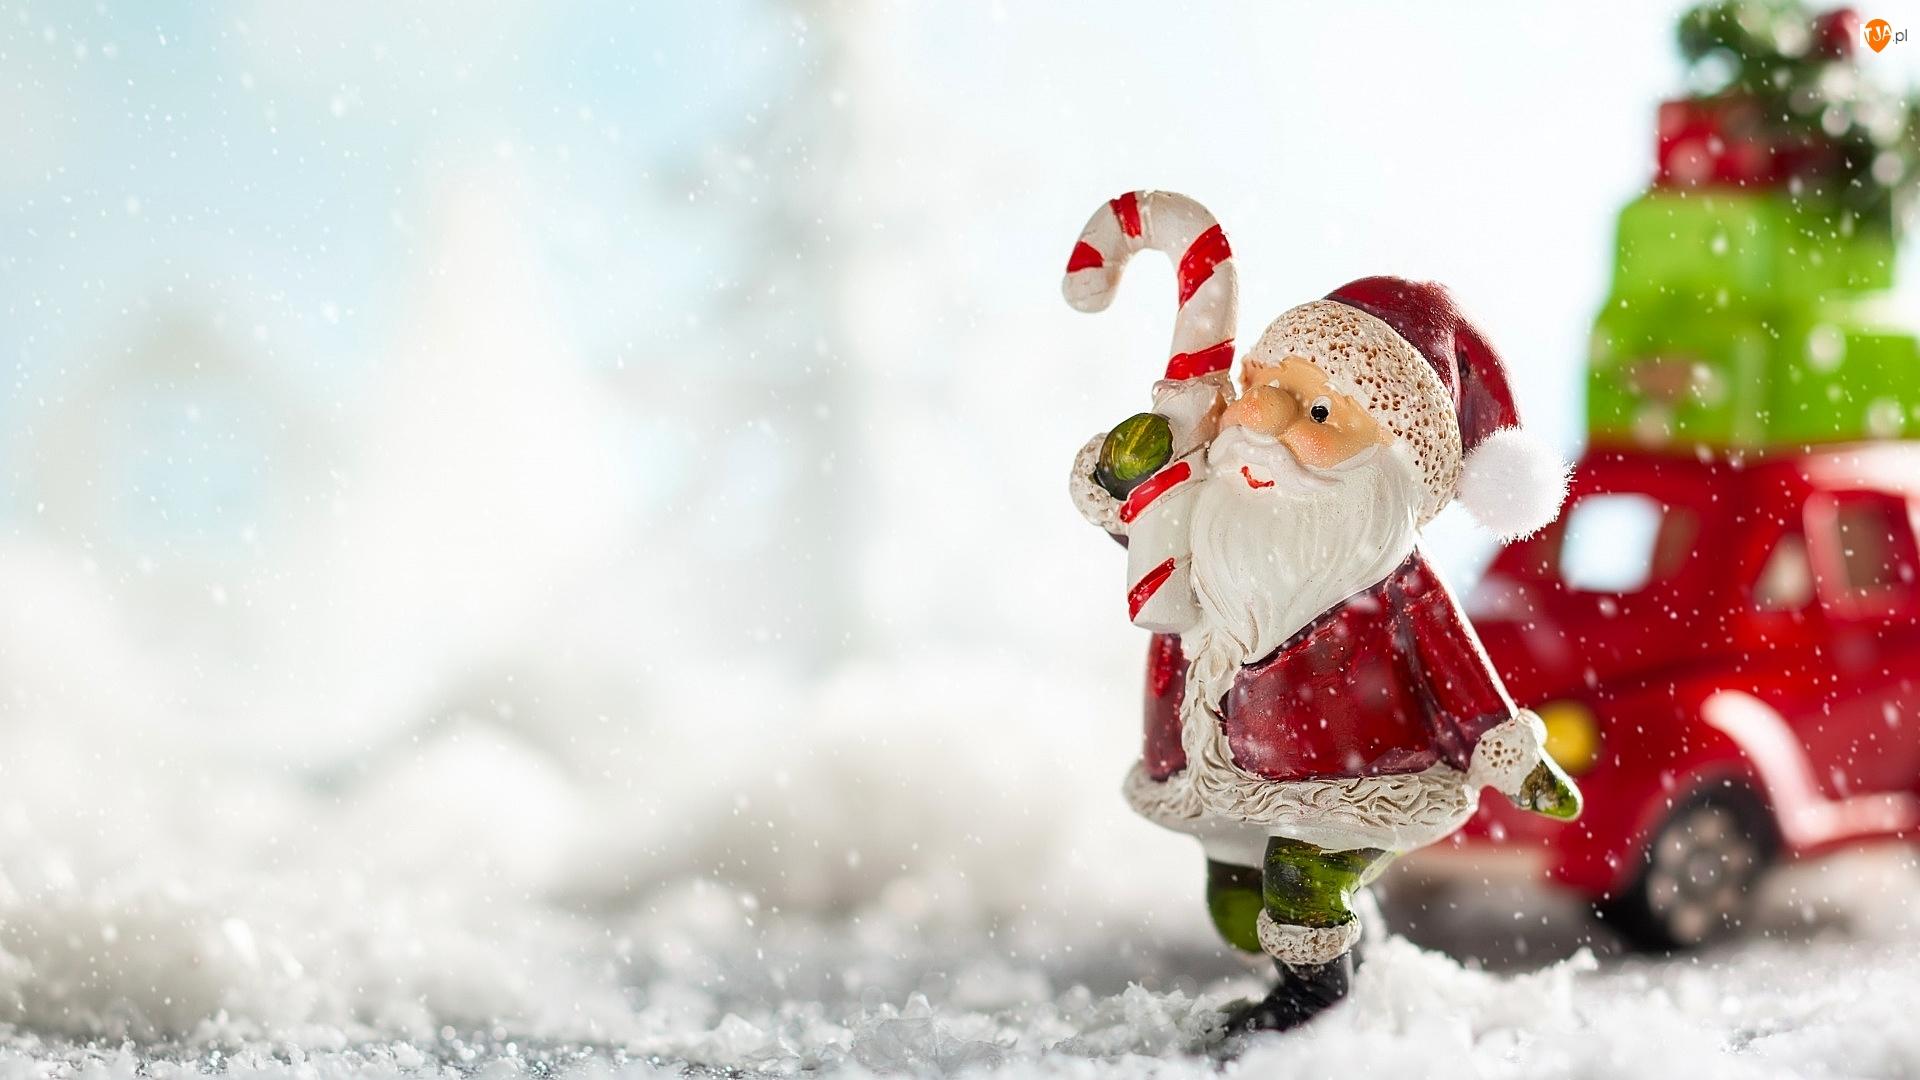 Lizak, Mikołaj, Zima, Śnieg, Autko, Padający